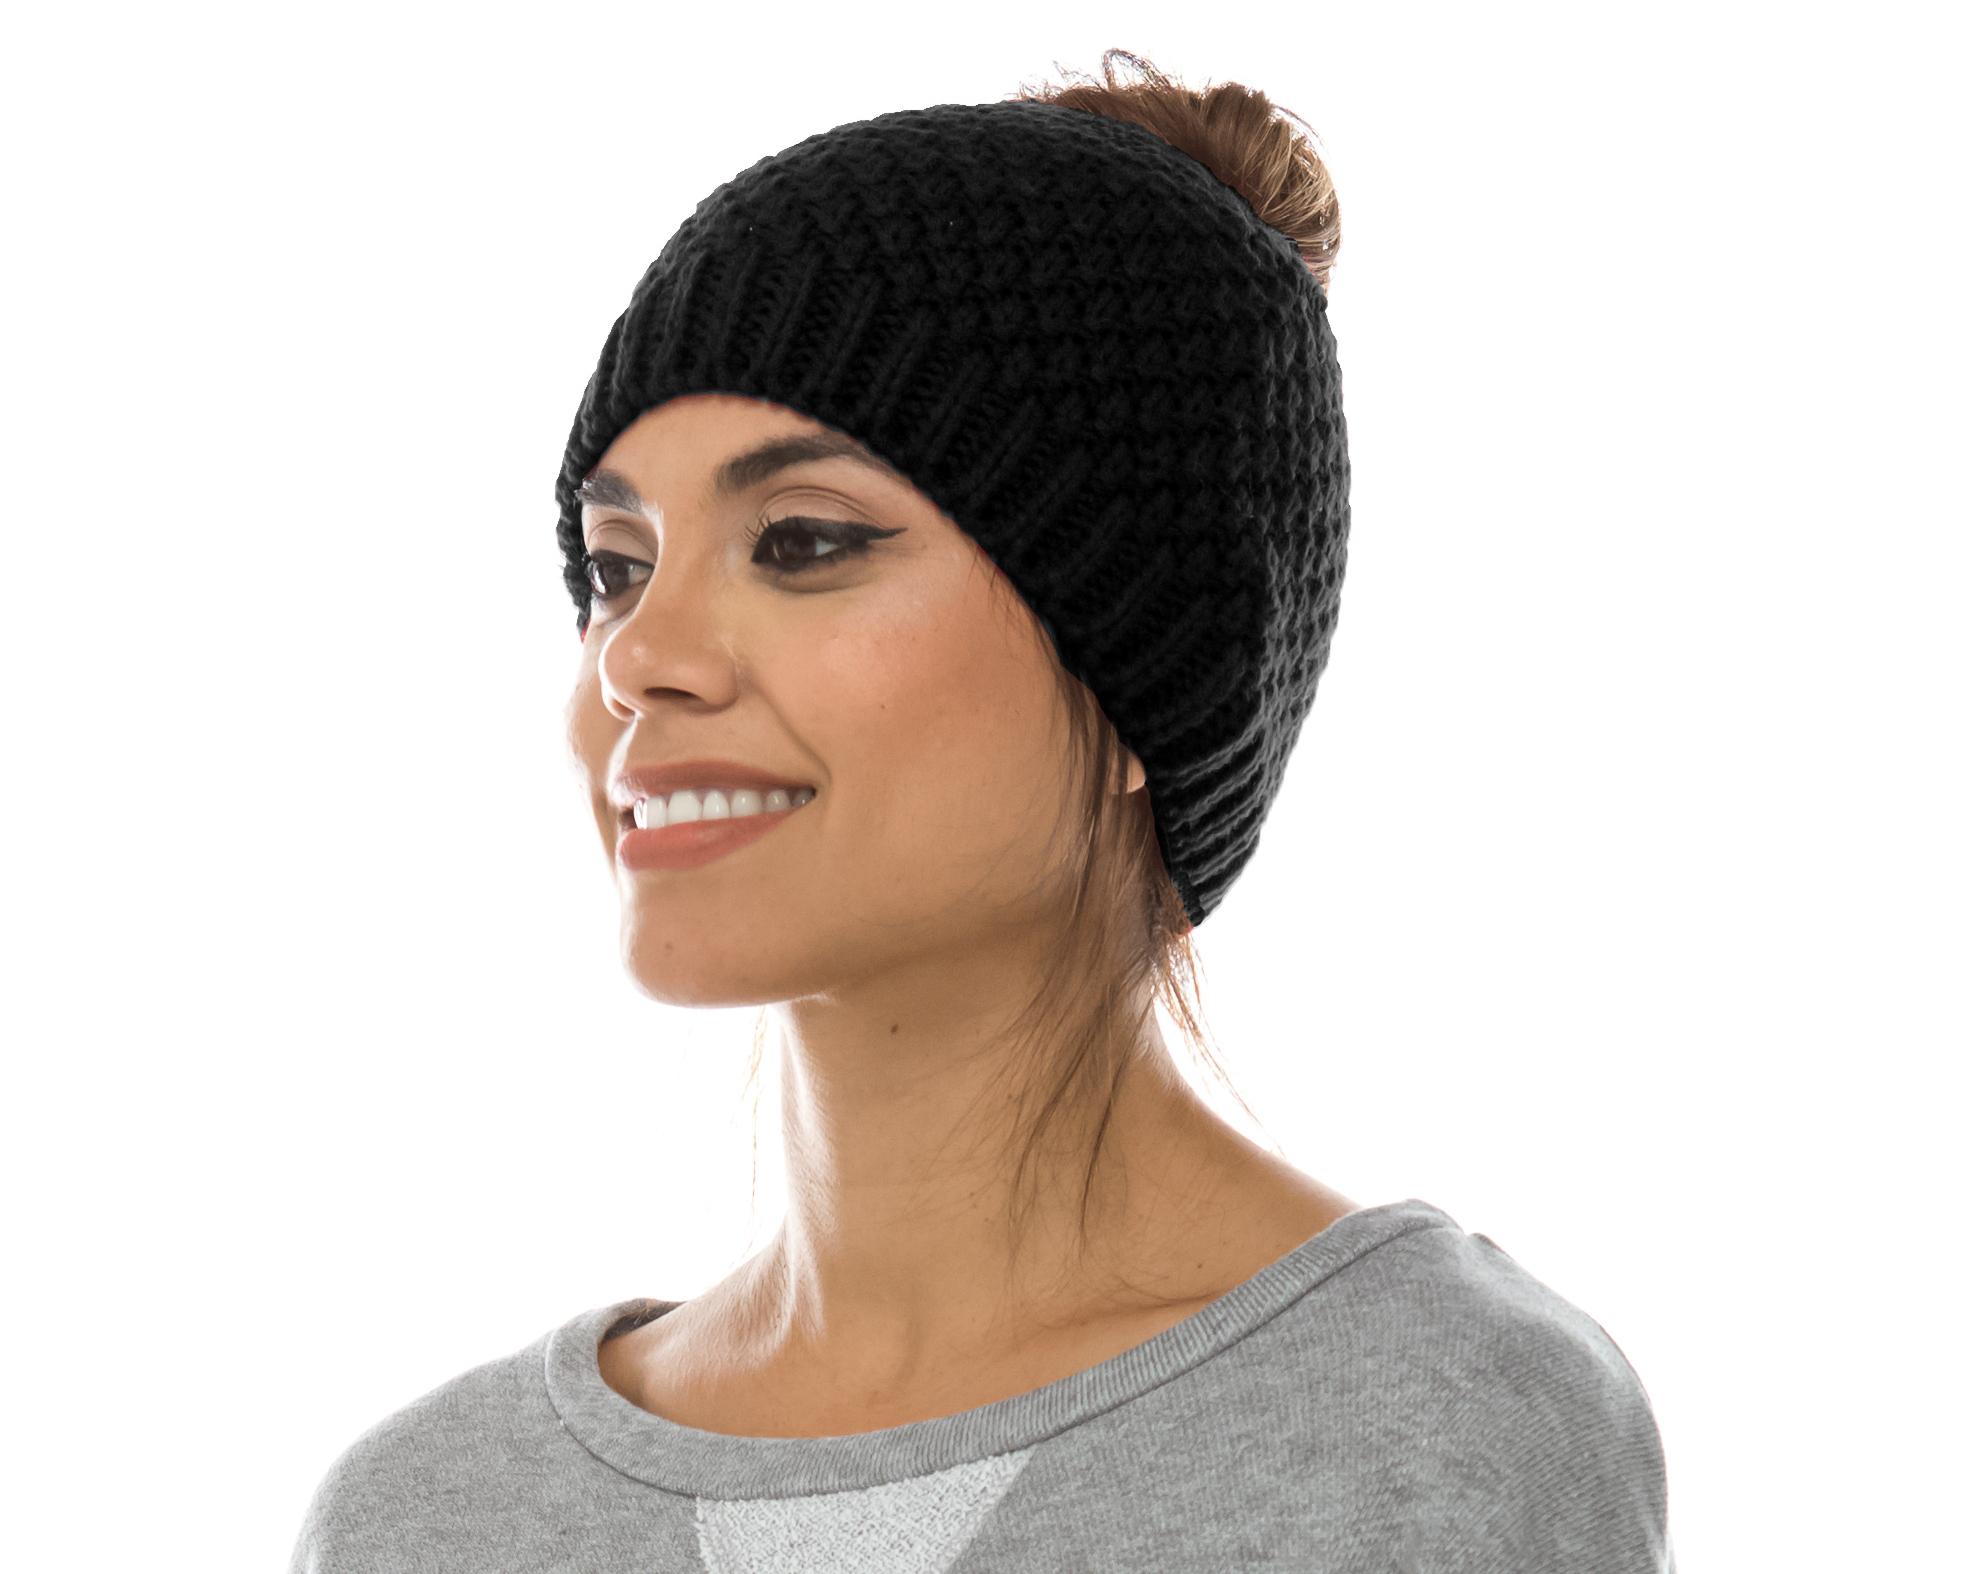 955125d4b2a Beanie Hats Wholesale Los Angeles